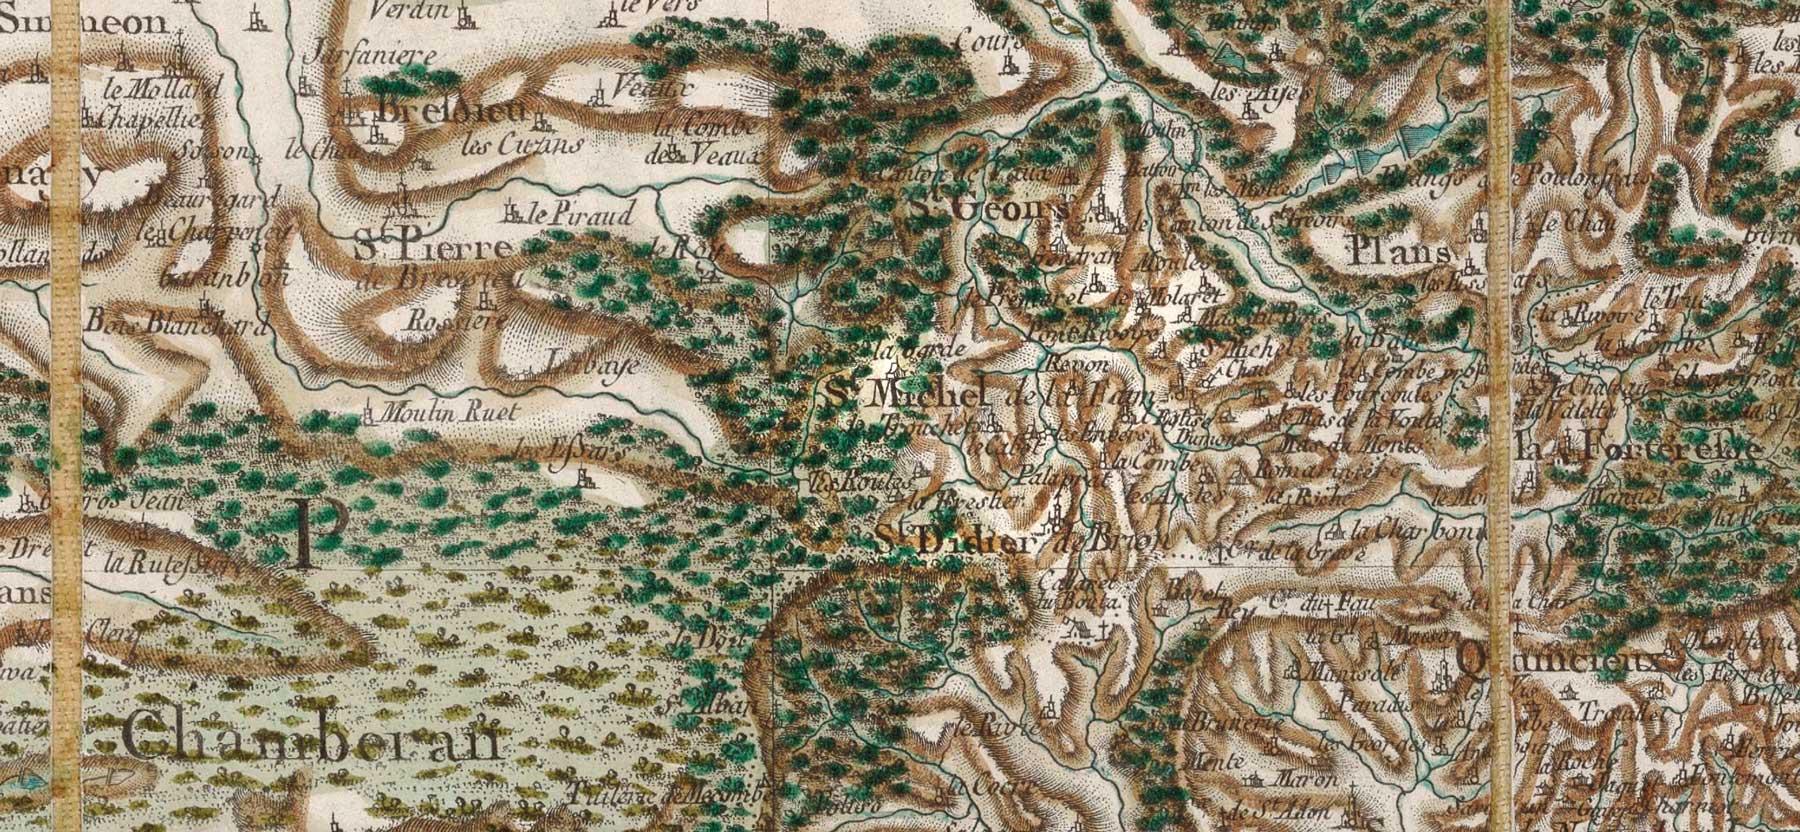 Histoire de la commune de Saint-Michel-de-Saint-Geoirs